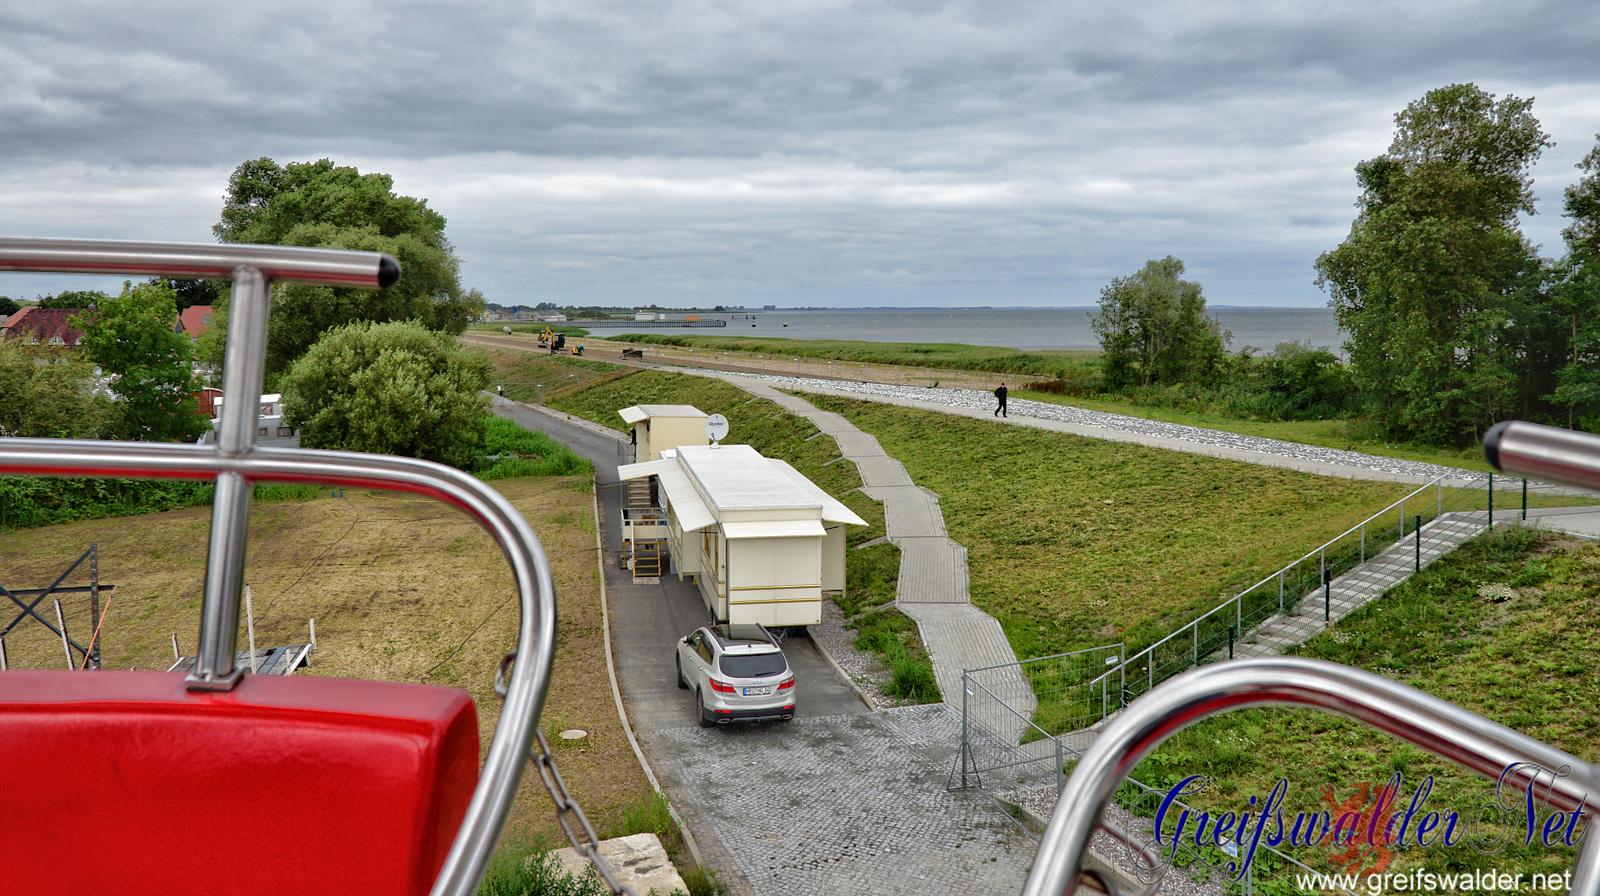 Blick vom Riesenrad auf dem Fischerfest in Greifswald-Wieck